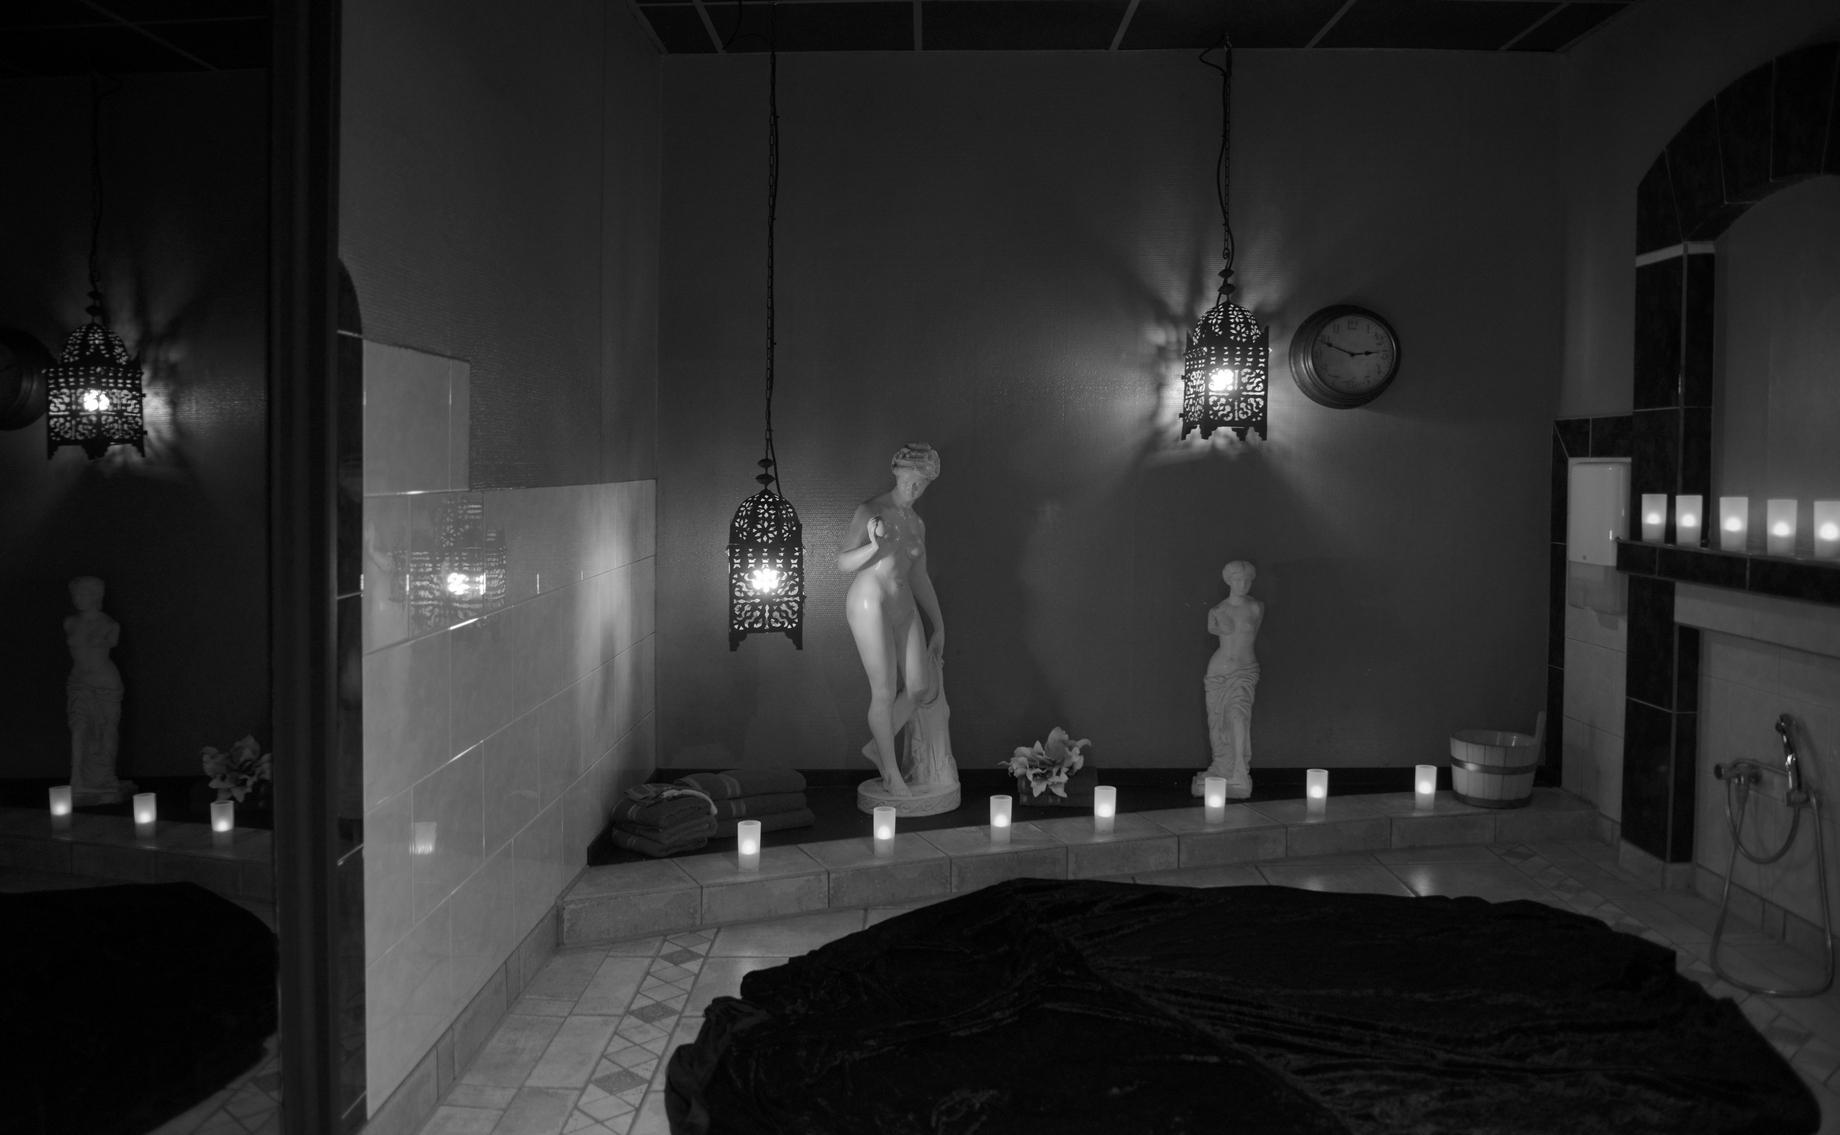 massage world erotische massagesalon eindhoven